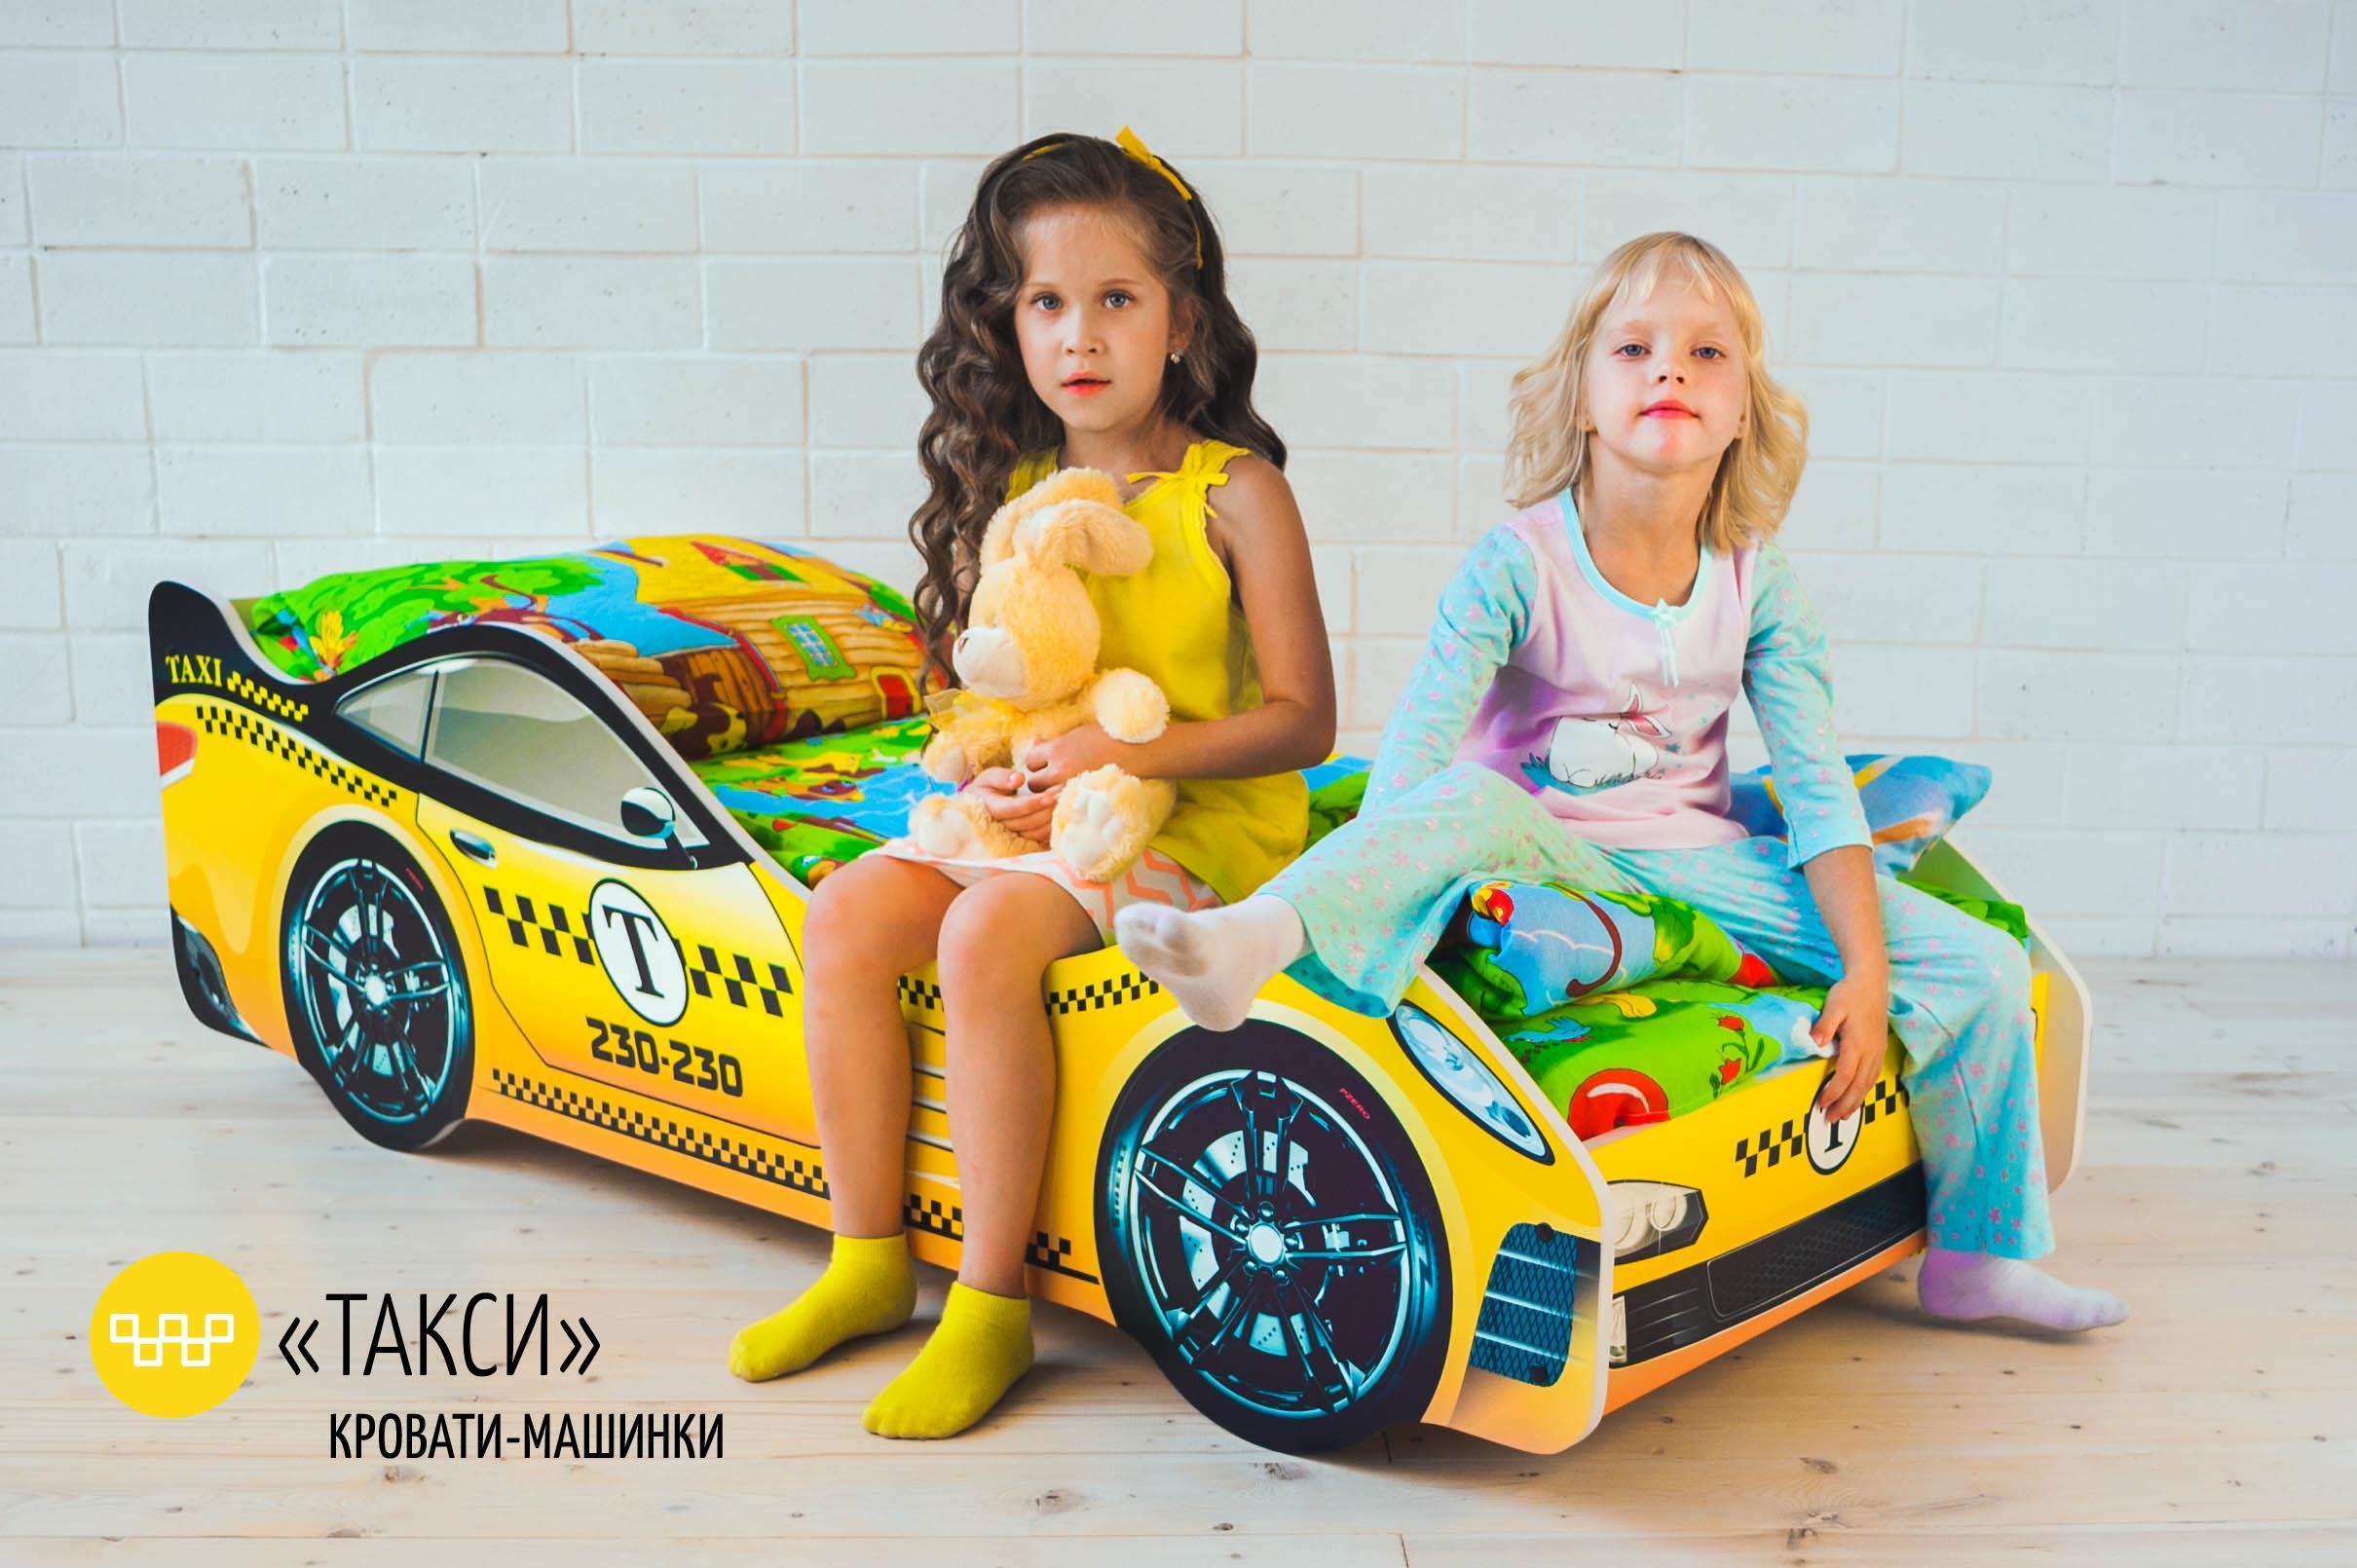 Детская кровать-машина -Такси-2